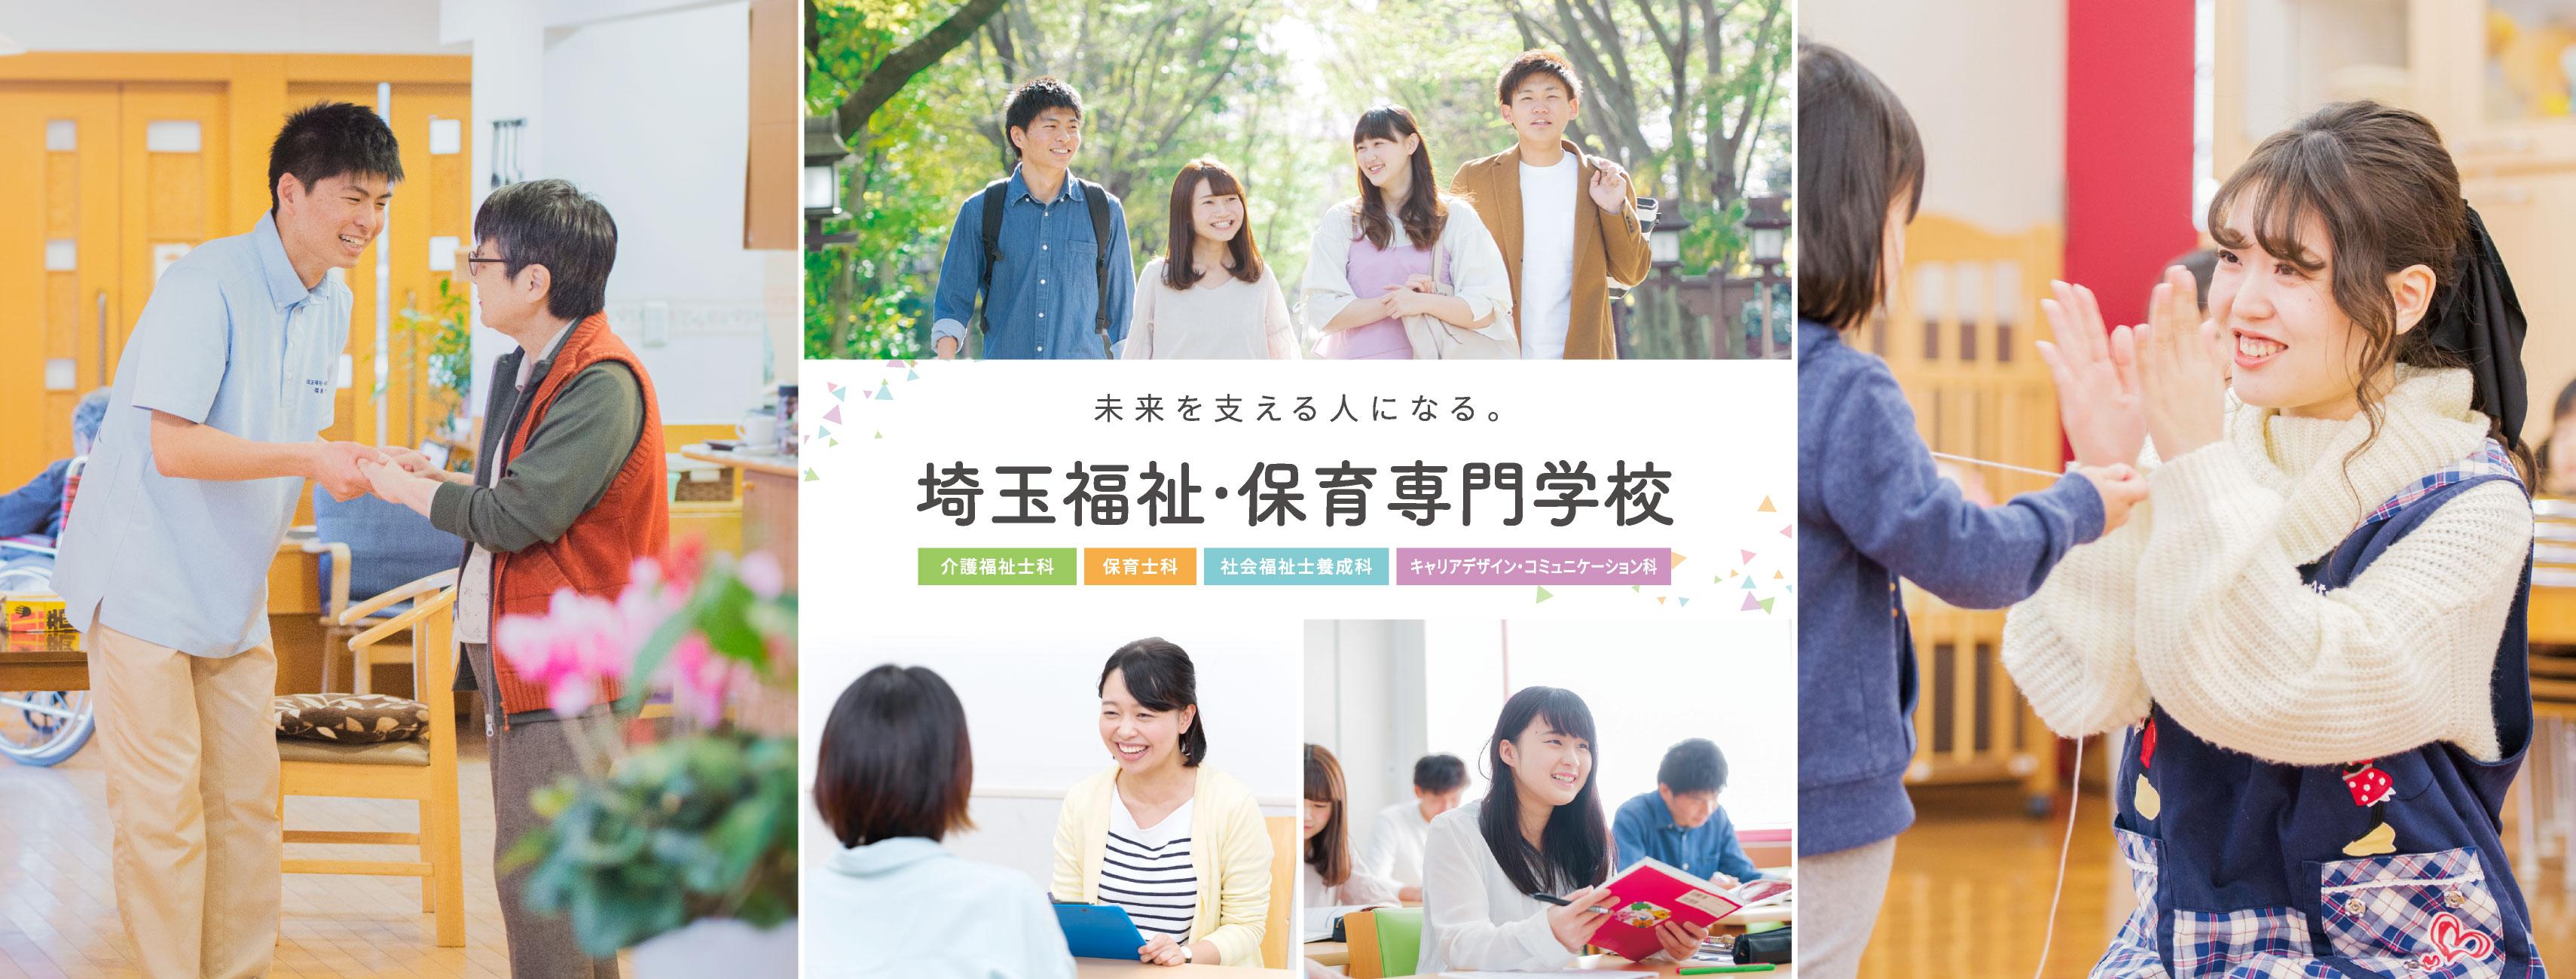 埼玉福祉保育専門